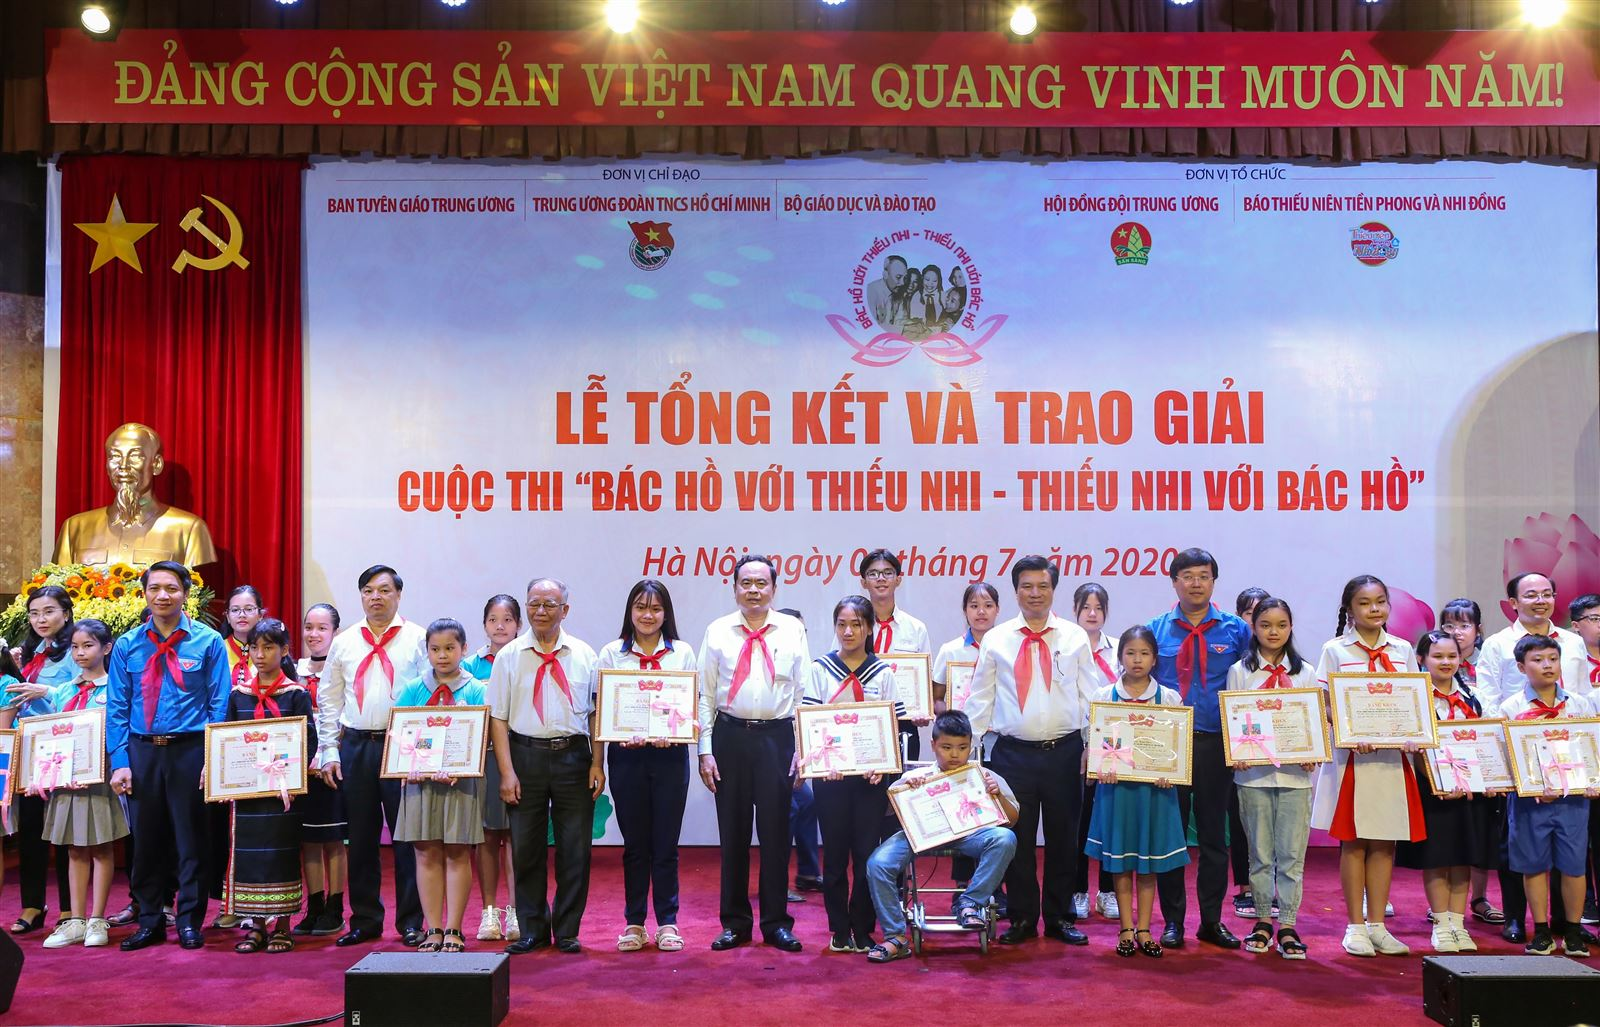 Lễ tổng kết và trao giải cuộc thi Bác Hồ với thiếu nhi - thiếu nhi với Bác Hồ